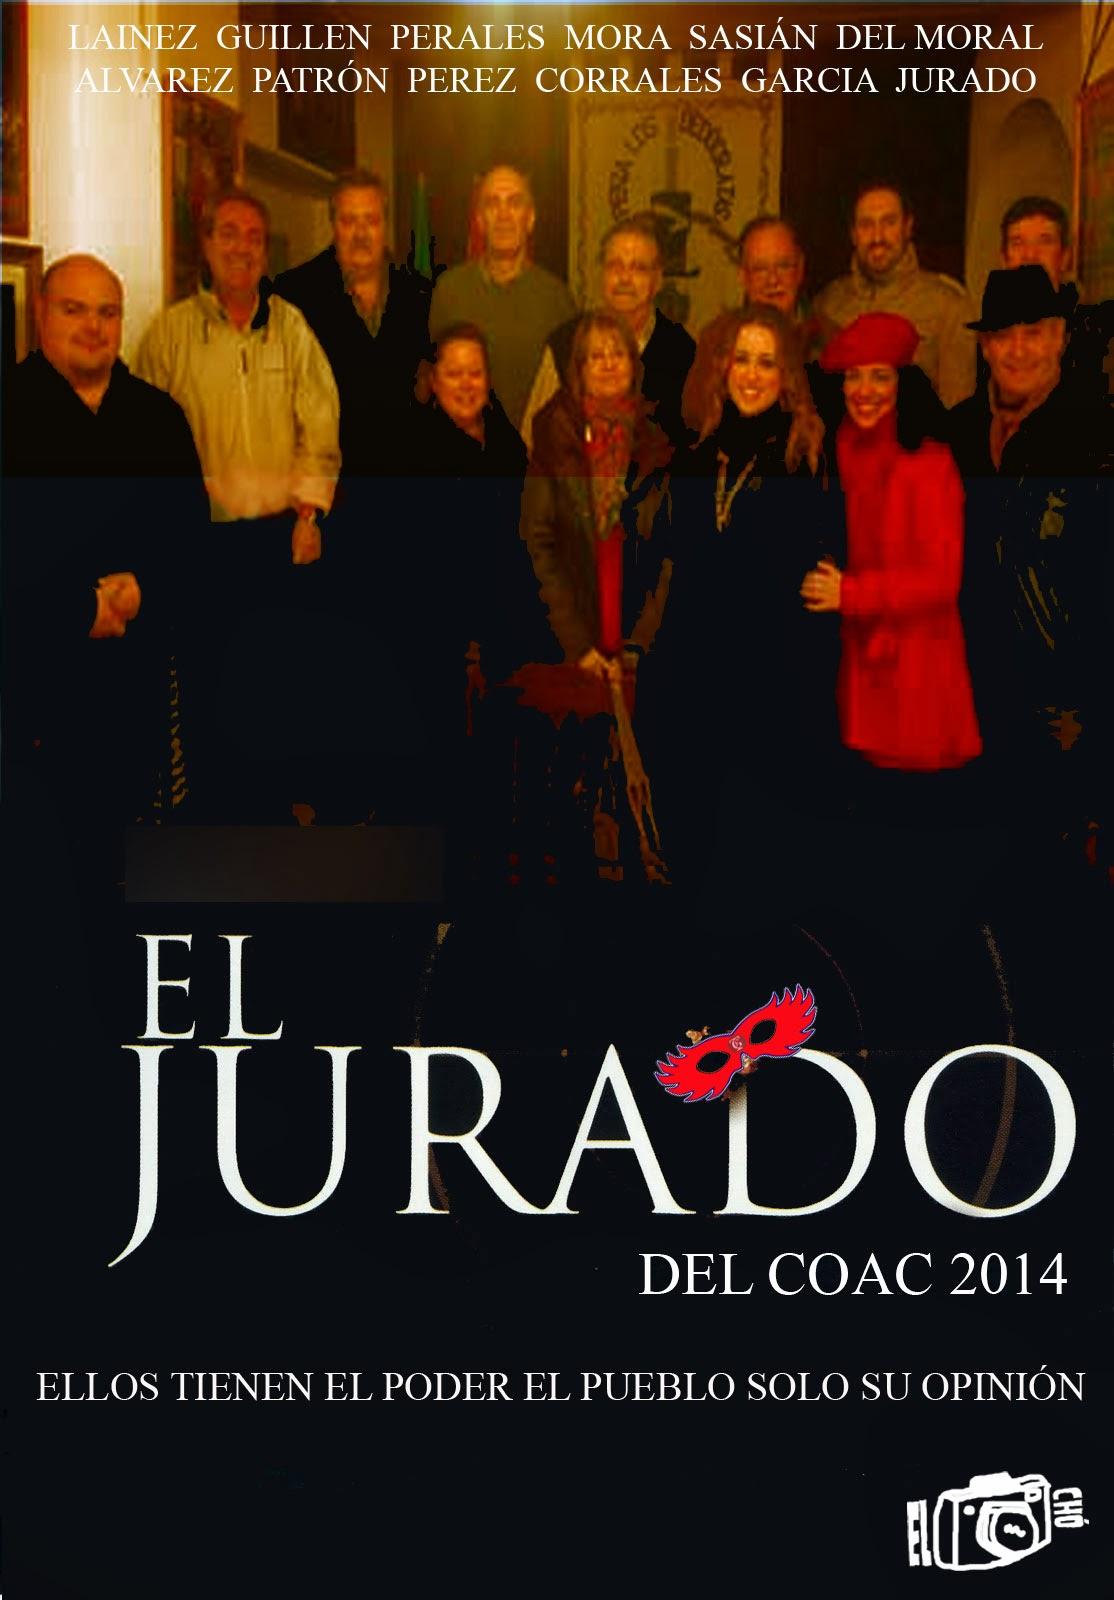 Los miembros del jurado